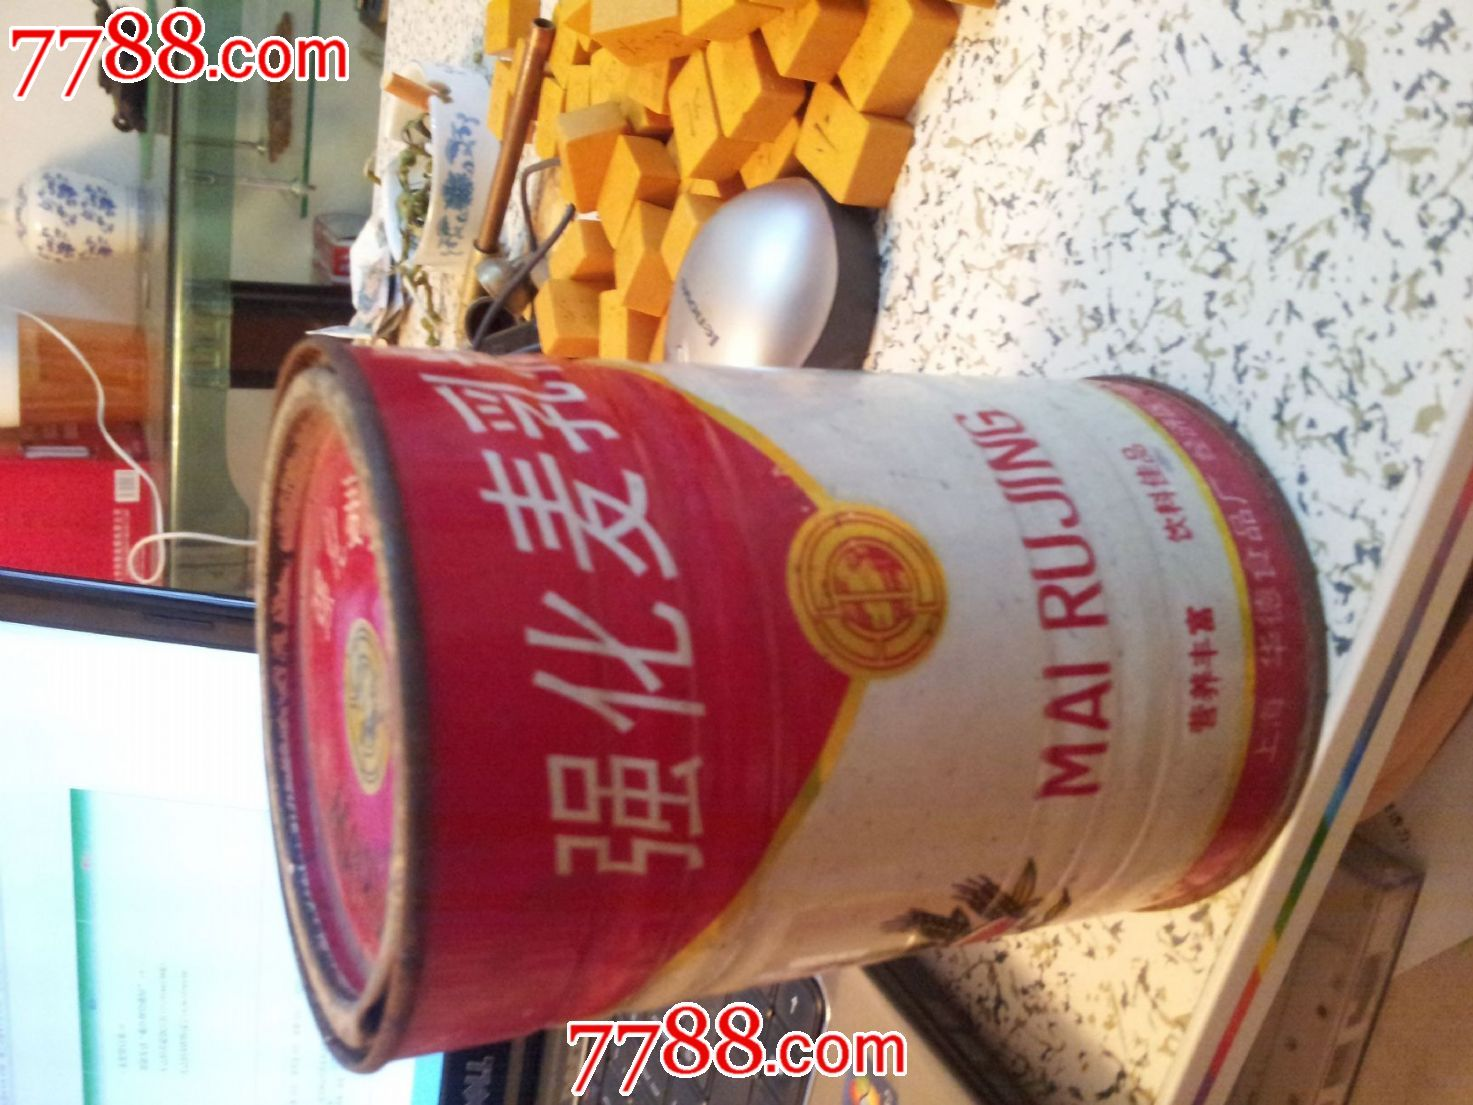 强化麦乳精_梁丰上海特产强化麦乳精400g罐香浓麦芽奶